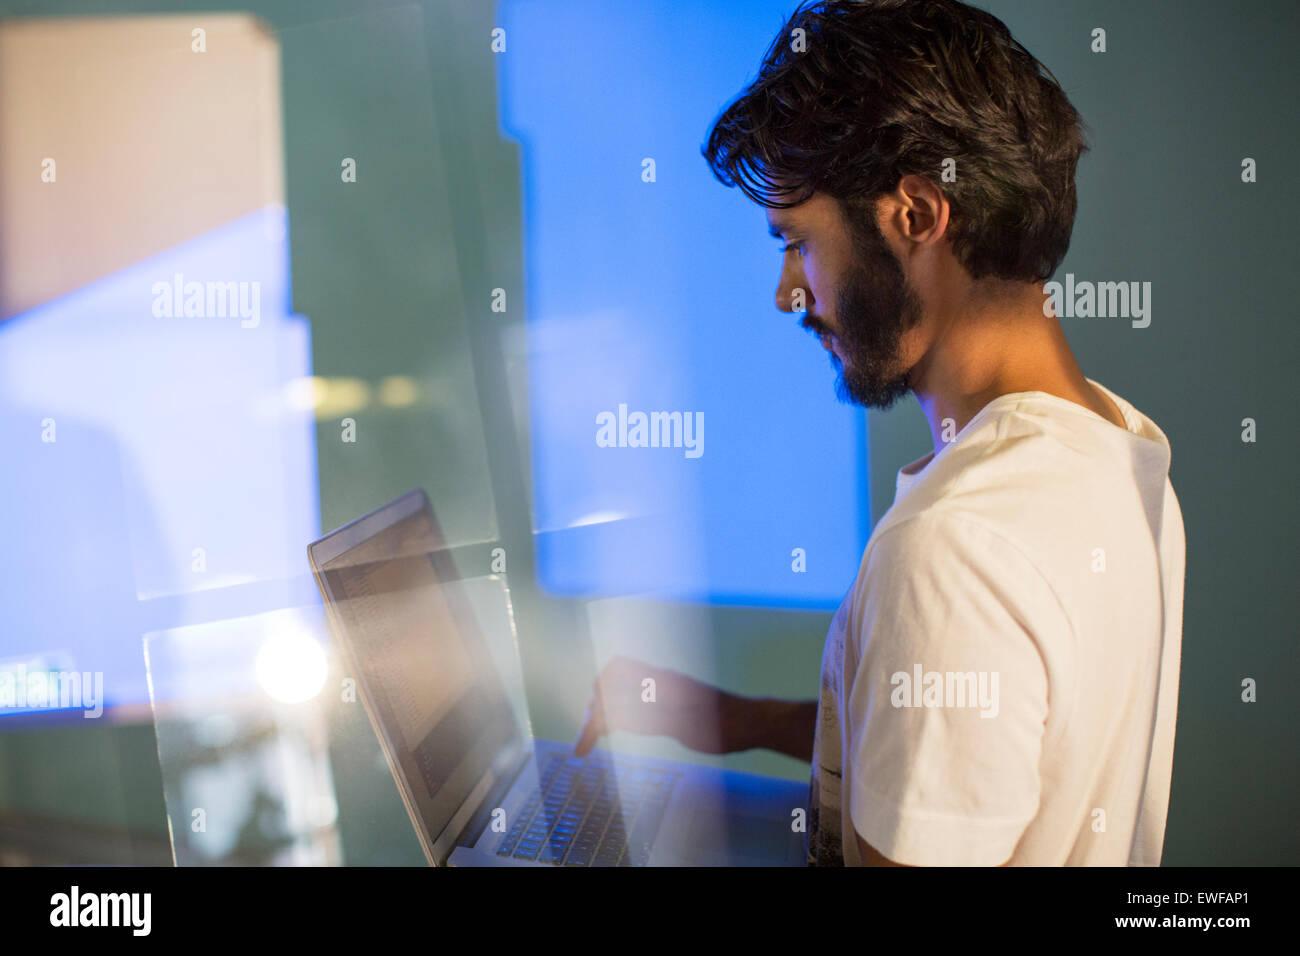 Businessman with laptop préparation présentation audiovisuelle Photo Stock